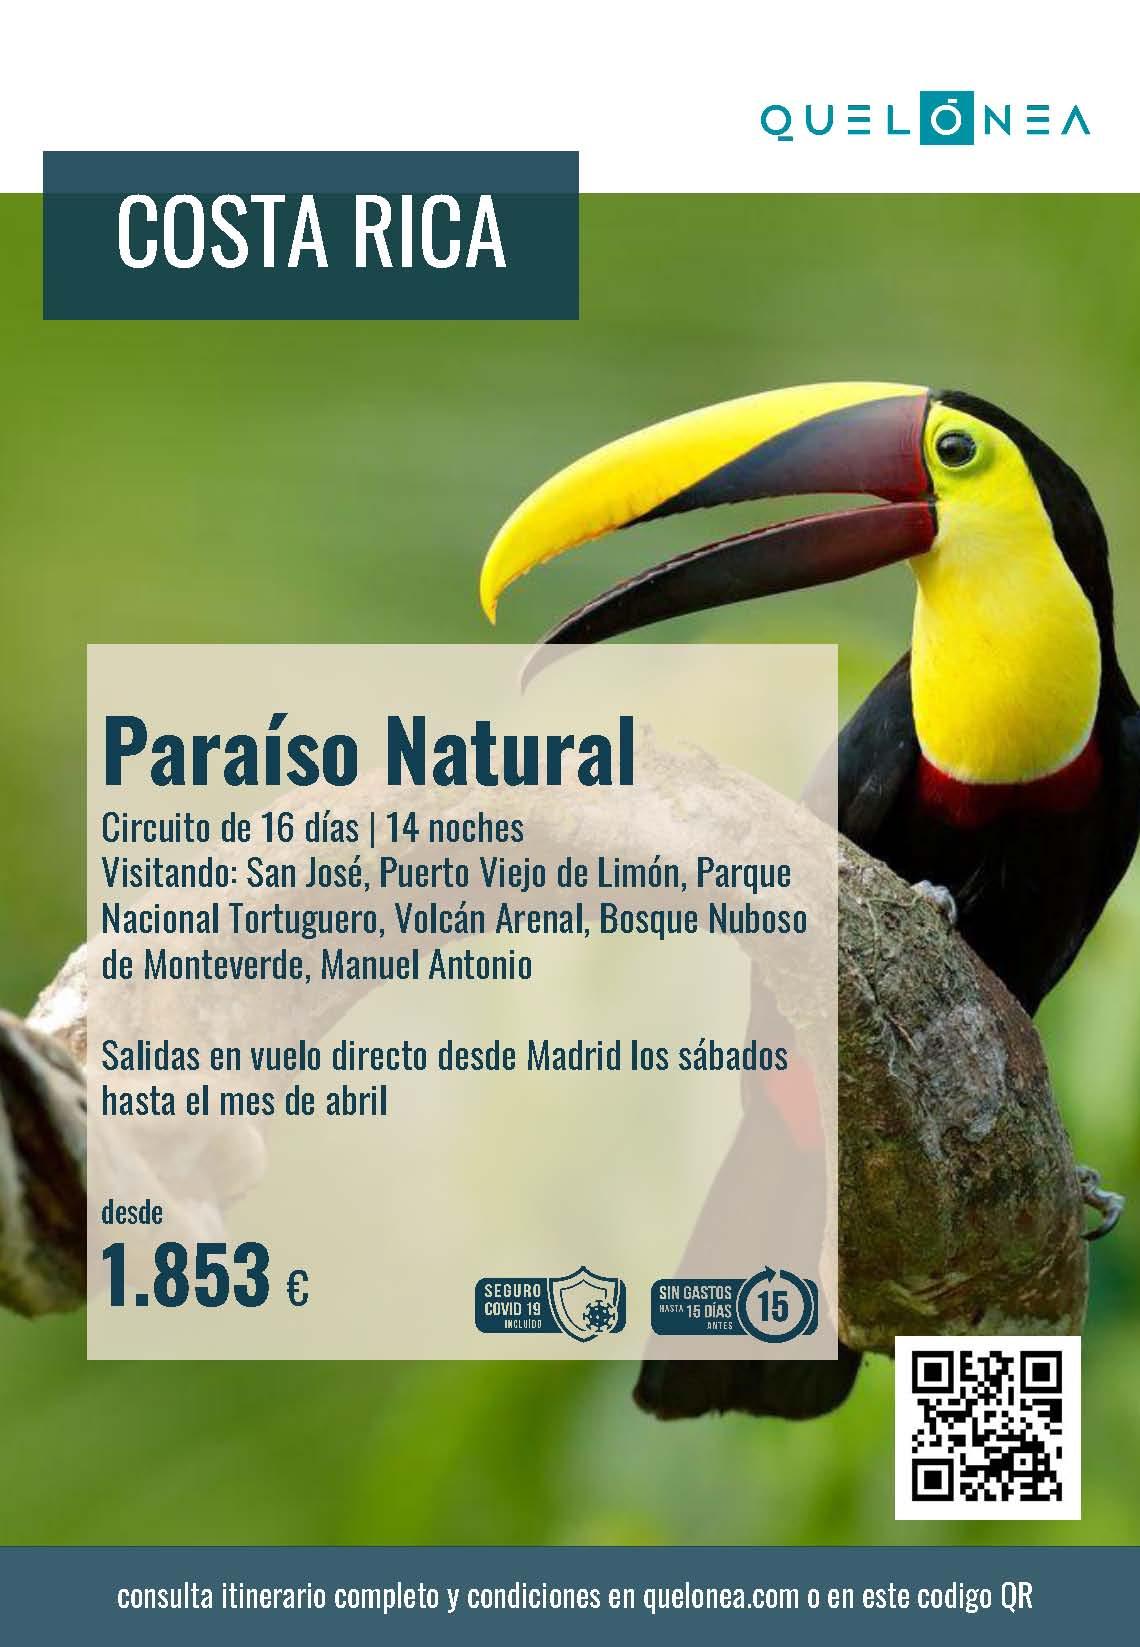 Ofertas Quelonea Costa Rica Paraiso Natural 2021-2022 vuelo directo desde Madrid